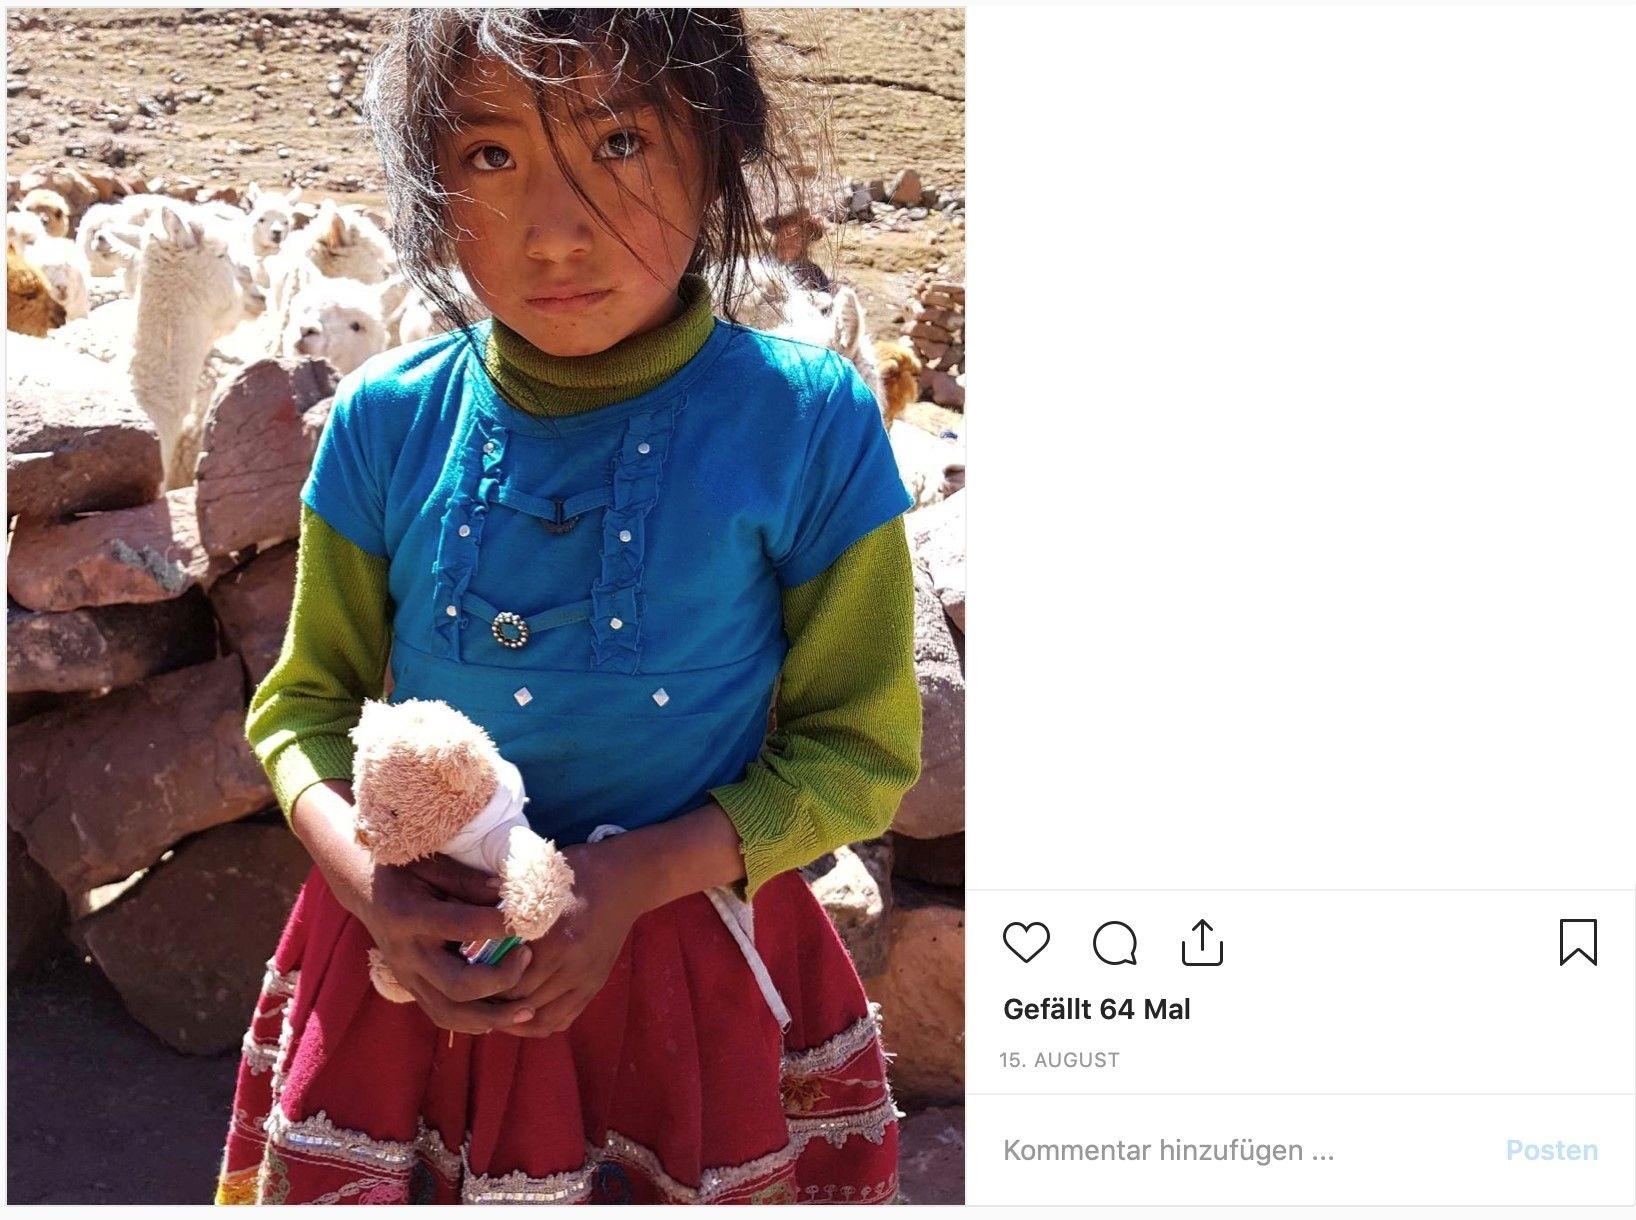 Geben macht mehr Spass als etwas zu bekommen – Teddy Tom an Maedchen aus Peru verschenkt.